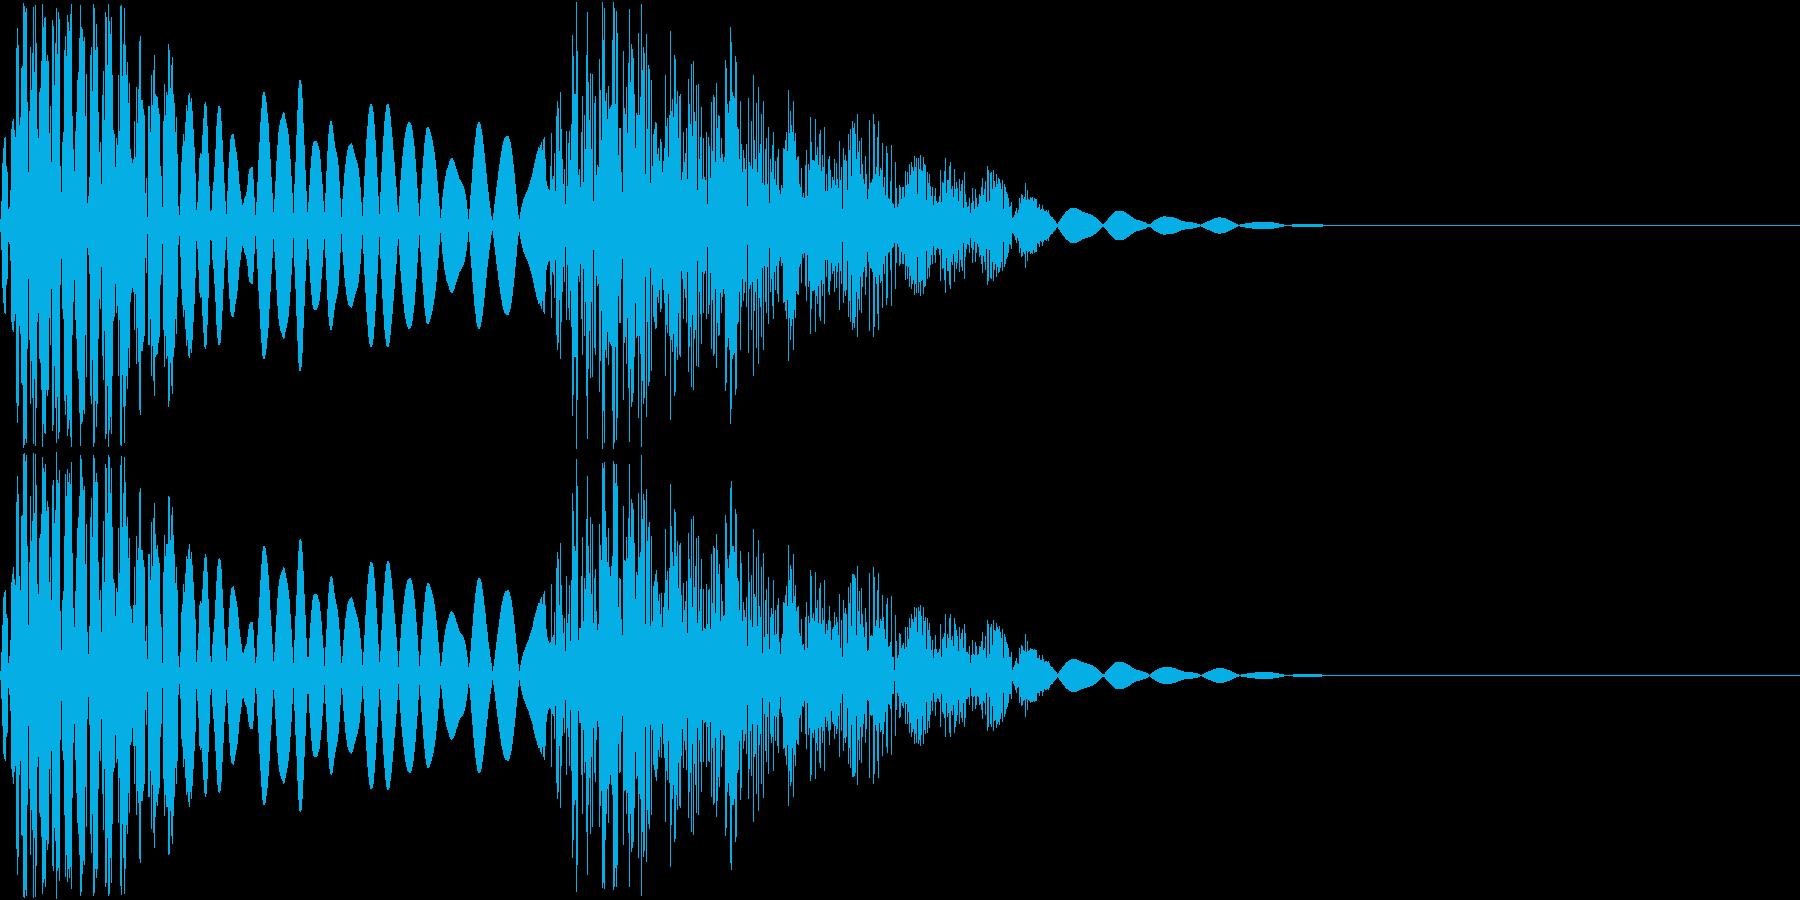 キシッ(猛獣の関節がきしむ音)の再生済みの波形